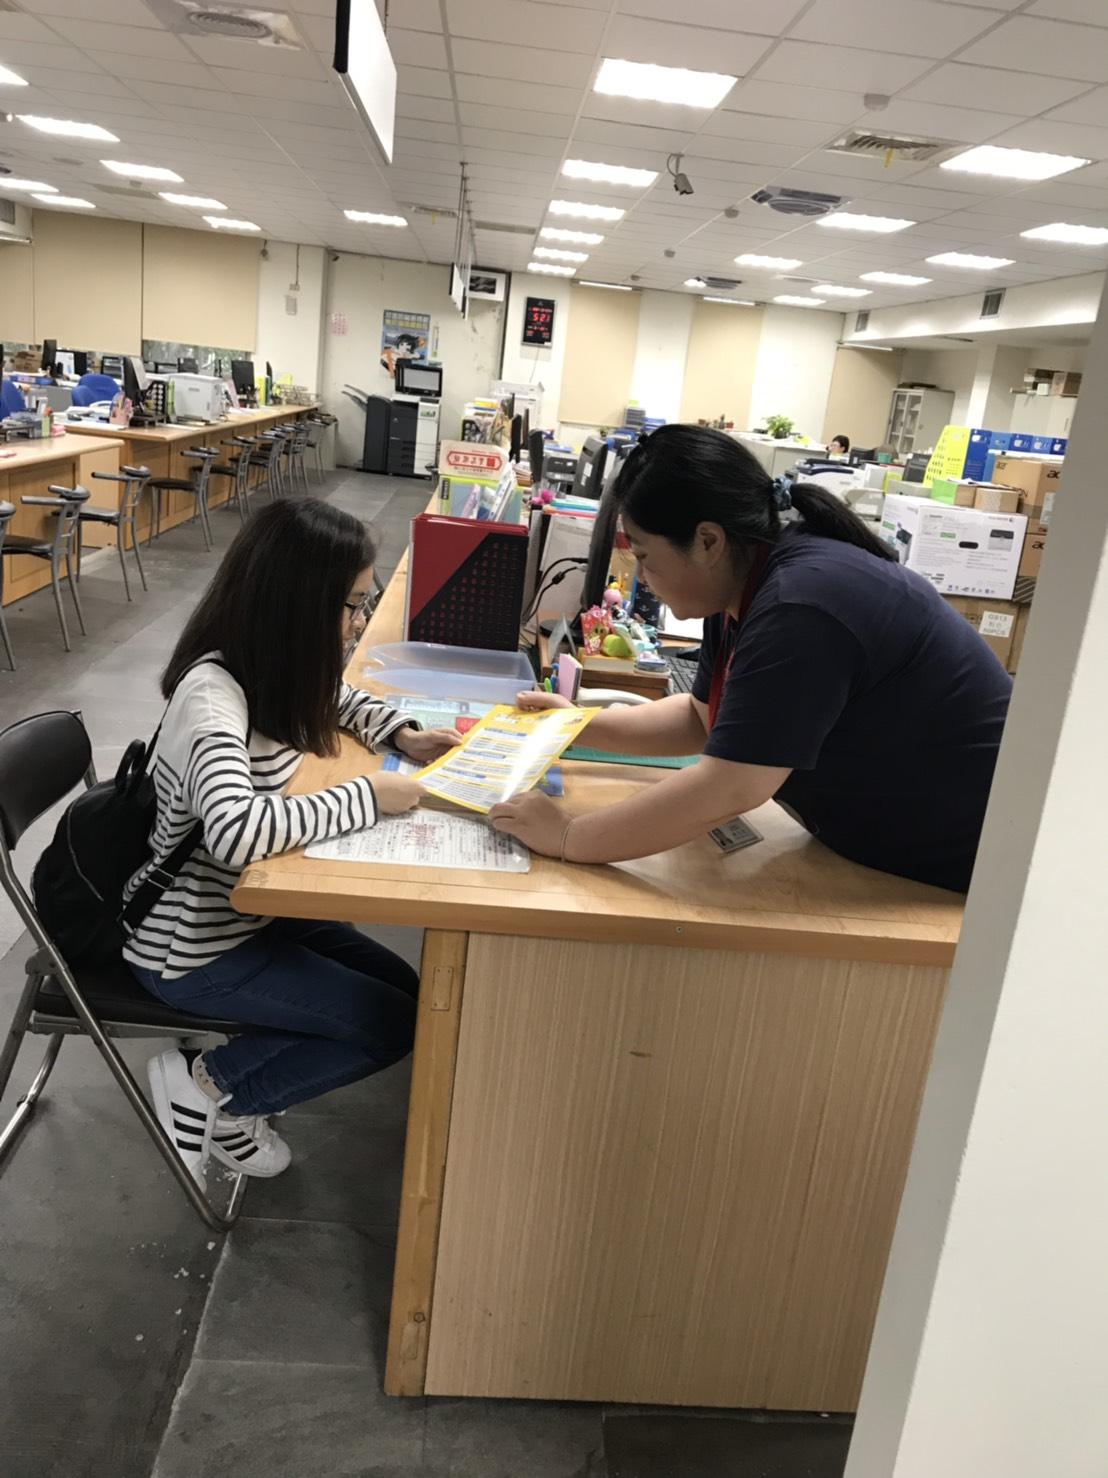 中市勞工局擬定求職者就業計畫 助聽障女孩圓夢